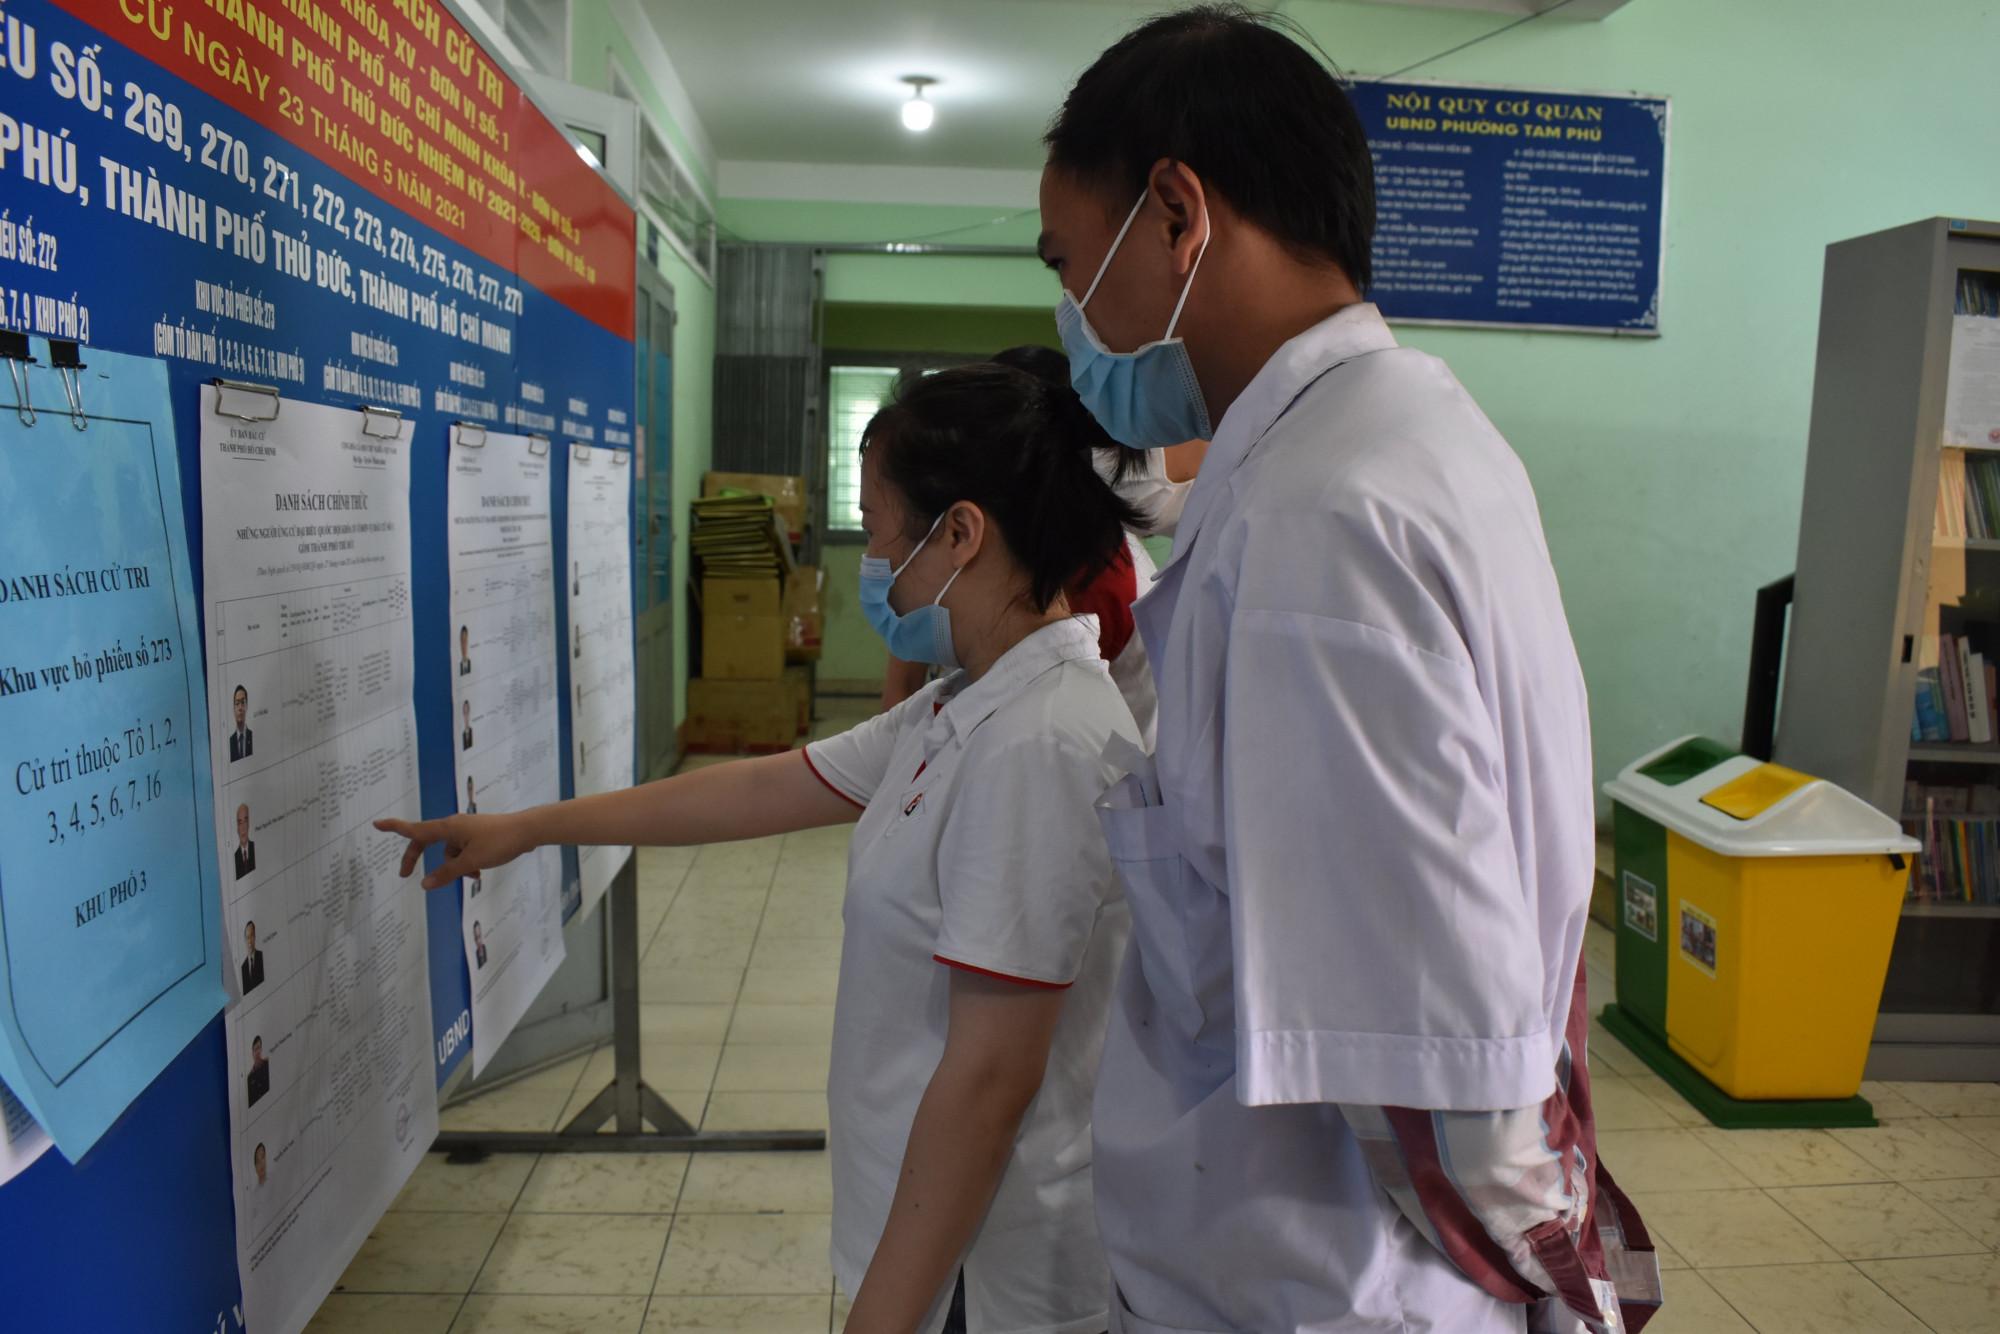 Sở Y tế TPHCM vừa ban hành kế hoạch đảm bảo công tác y tế phục vụ bầu cử đại biểu Quốc hội khóa XV và đại biểu HĐND các cấp, nhiệm kỳ 2021-2026 trên địa bàn thành phố.